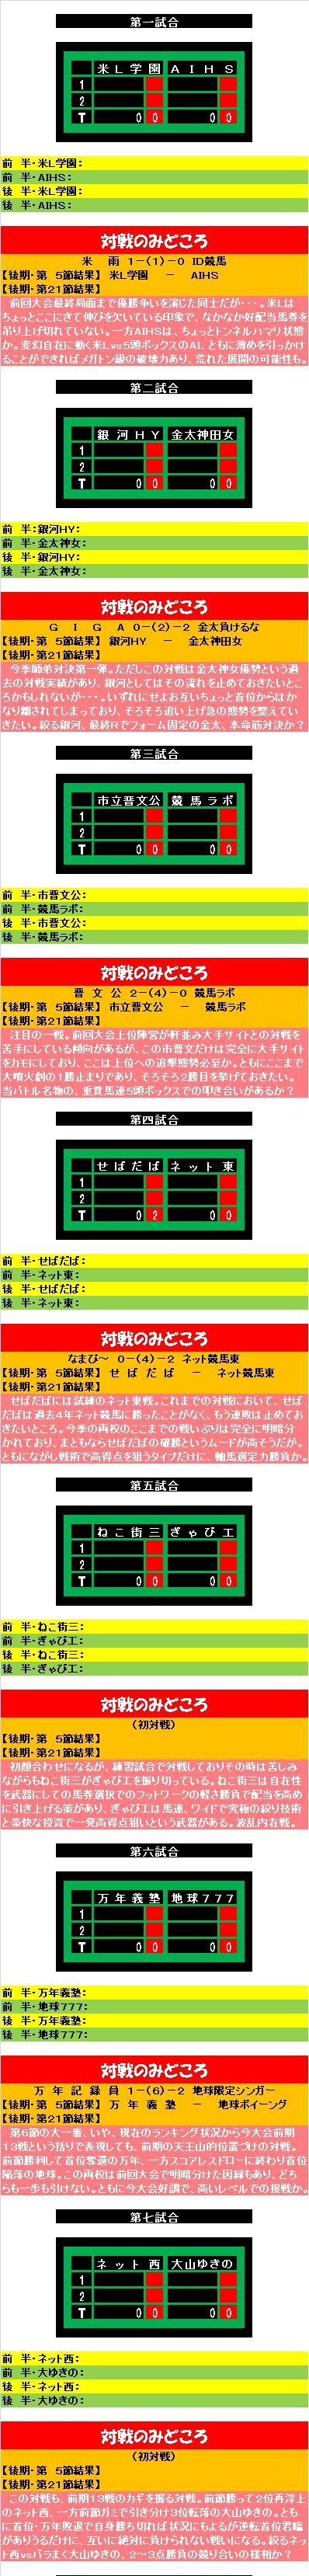 20150912・ダルマンリーグ第6節試合前見どころスコア⑧.jpg